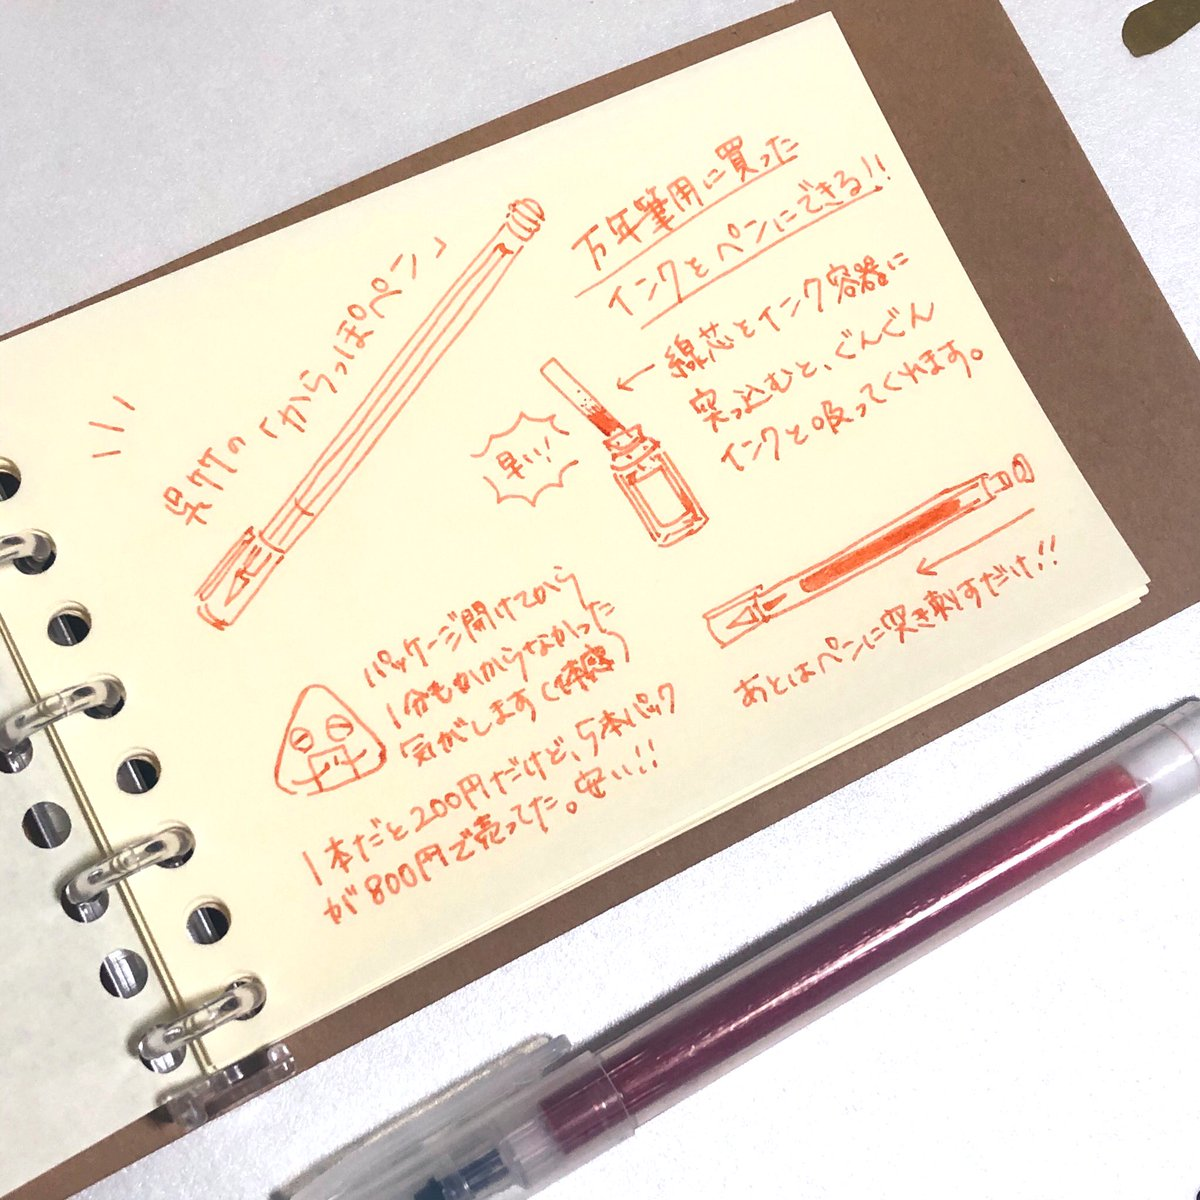 「からっぽペン」は実はかなり書きやすく話題になっていた!